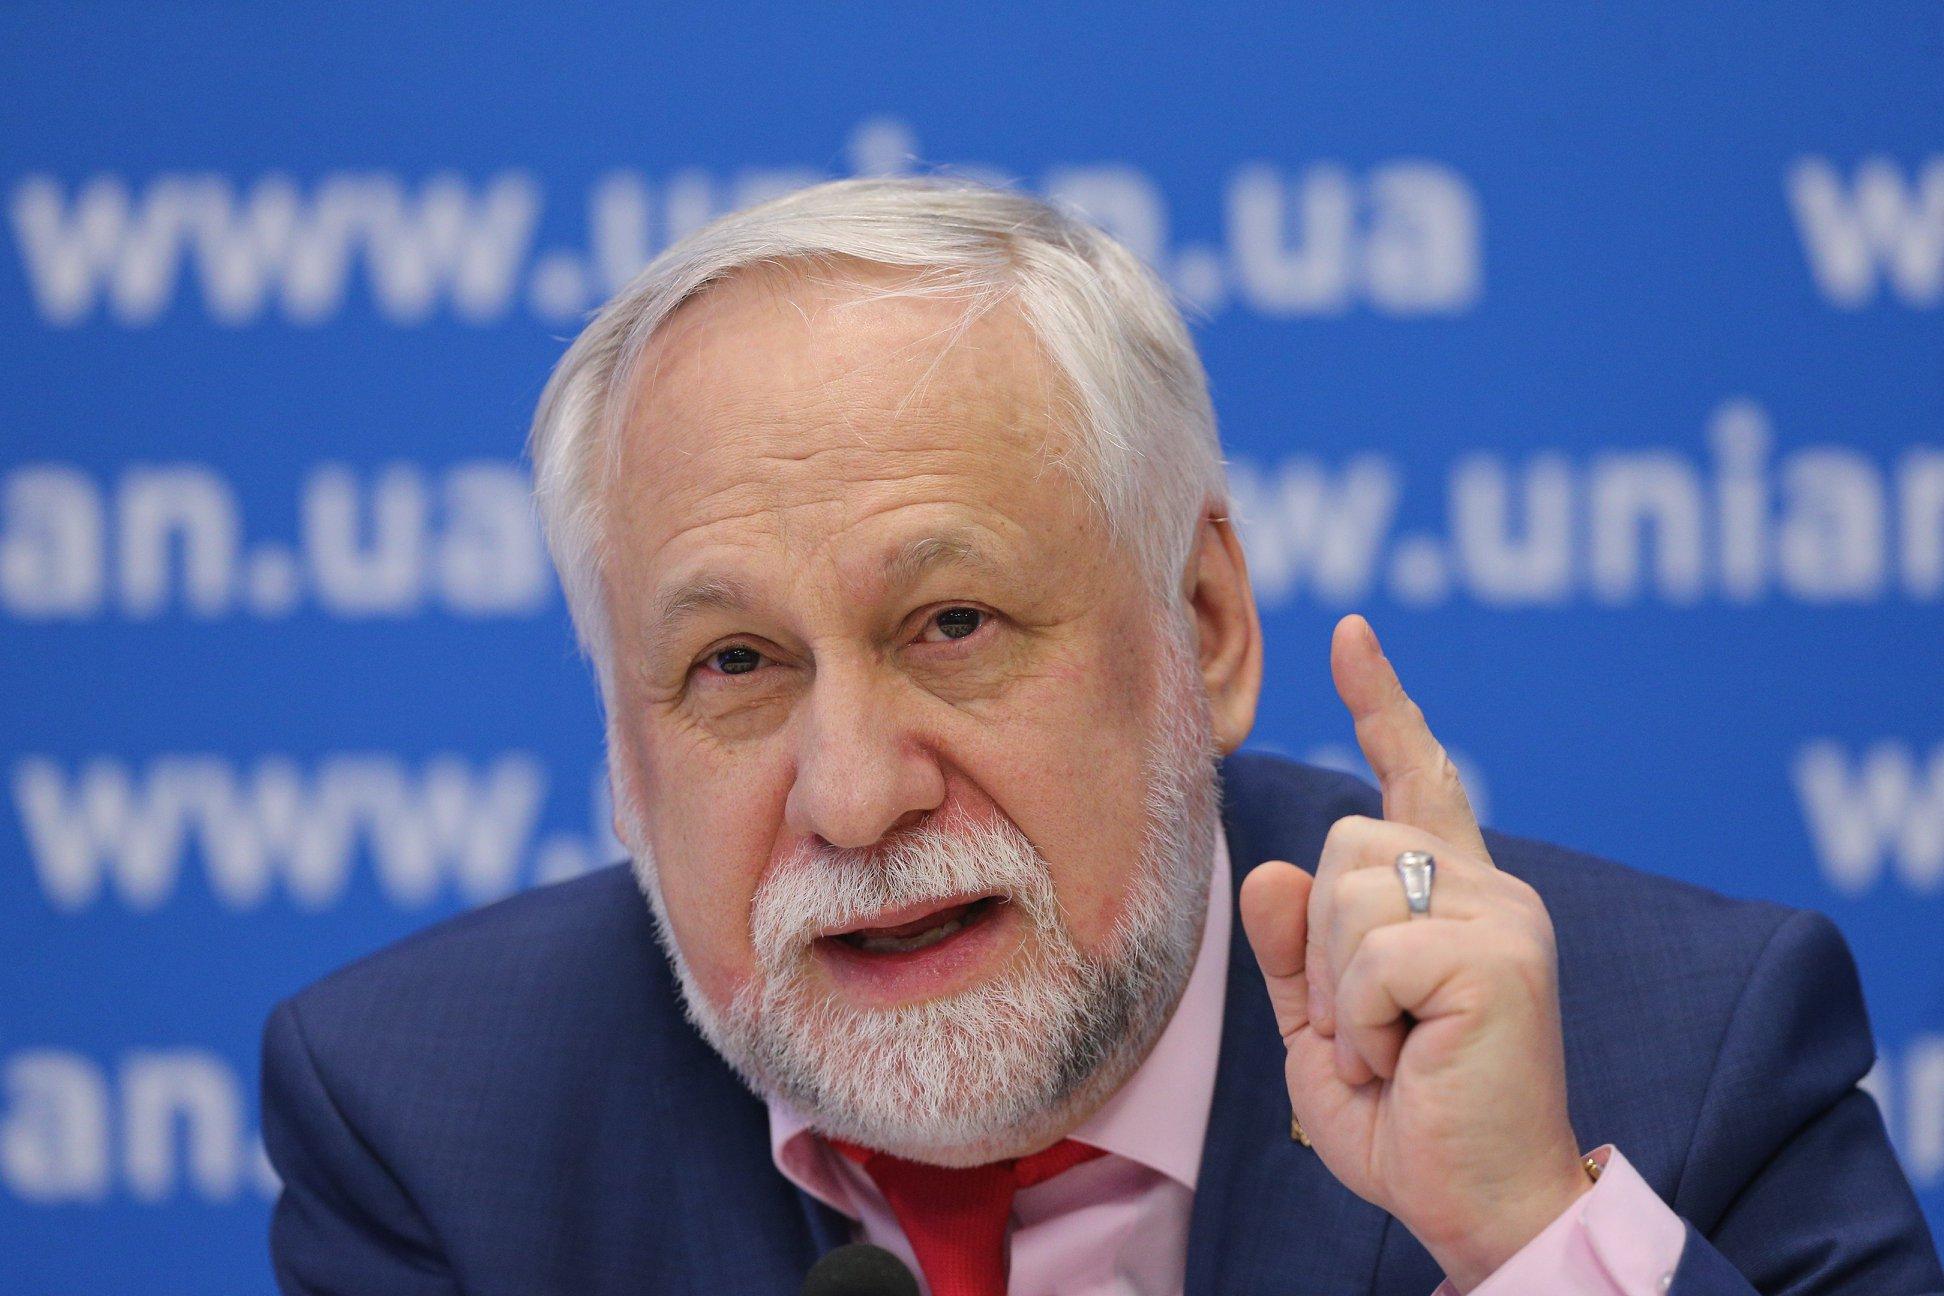 В конце апреля суд рассмотрит иск компании ICU к экс-нардепу Юрию Кармазину,  возглавляющему сегодня Институт права и общества